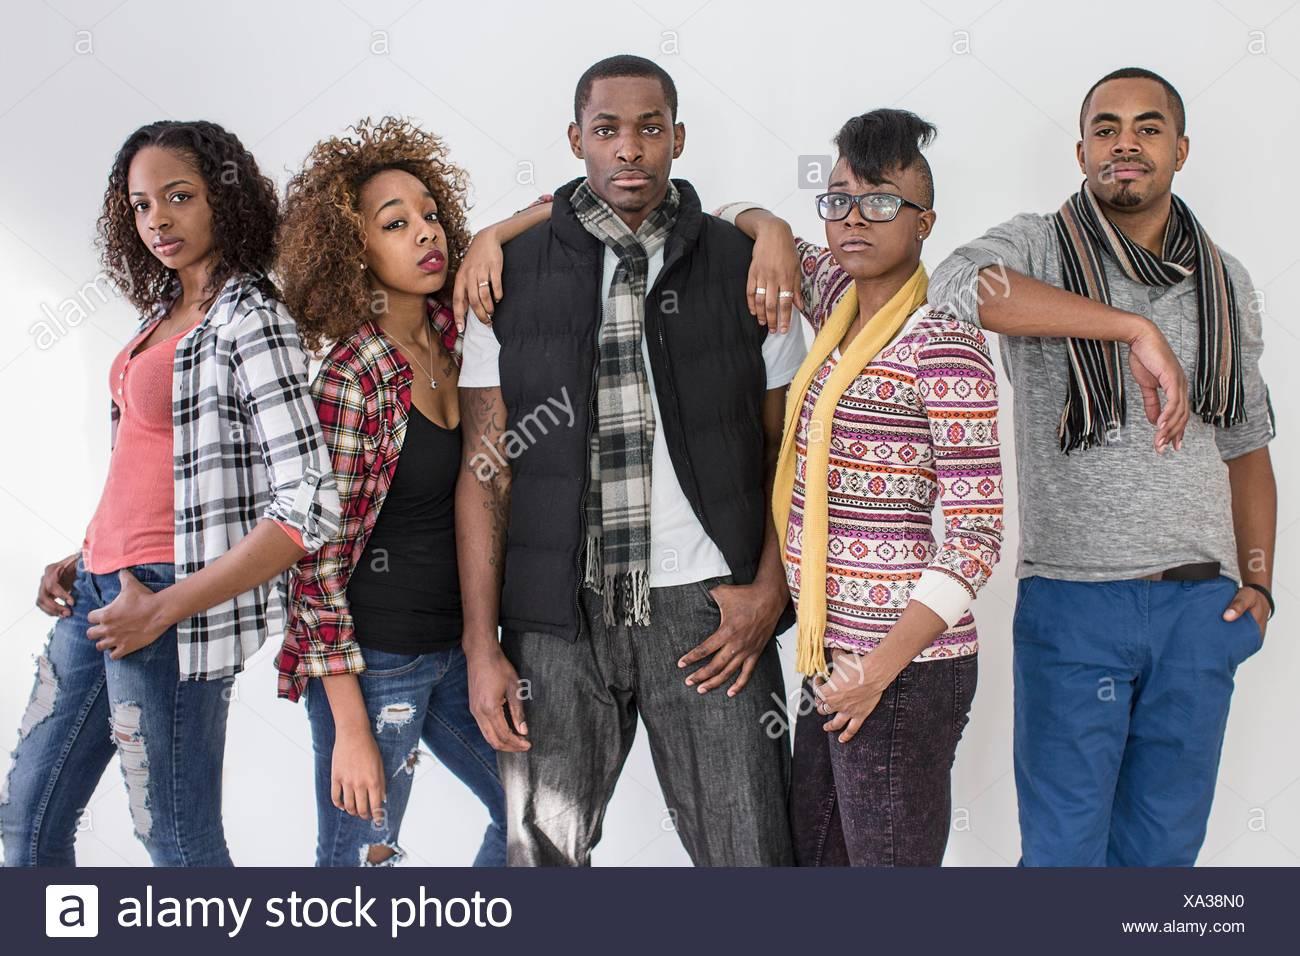 Studioportrait von fünf schweren starren Erwachsenen Freunden Stockfoto